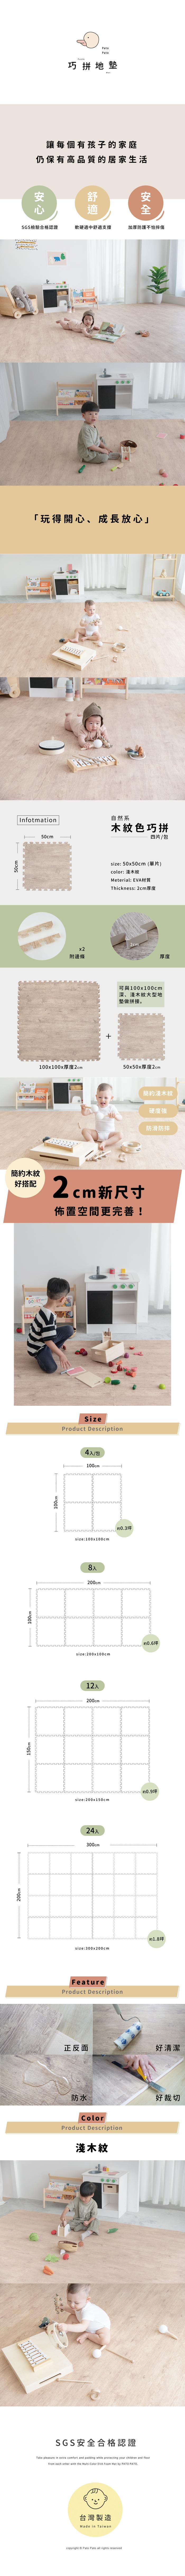 (複製)PatoPato|嬰幼兒專用馬卡龍60x60x2cm雙色地墊 - 可可&奶茶 - 1包6片裝